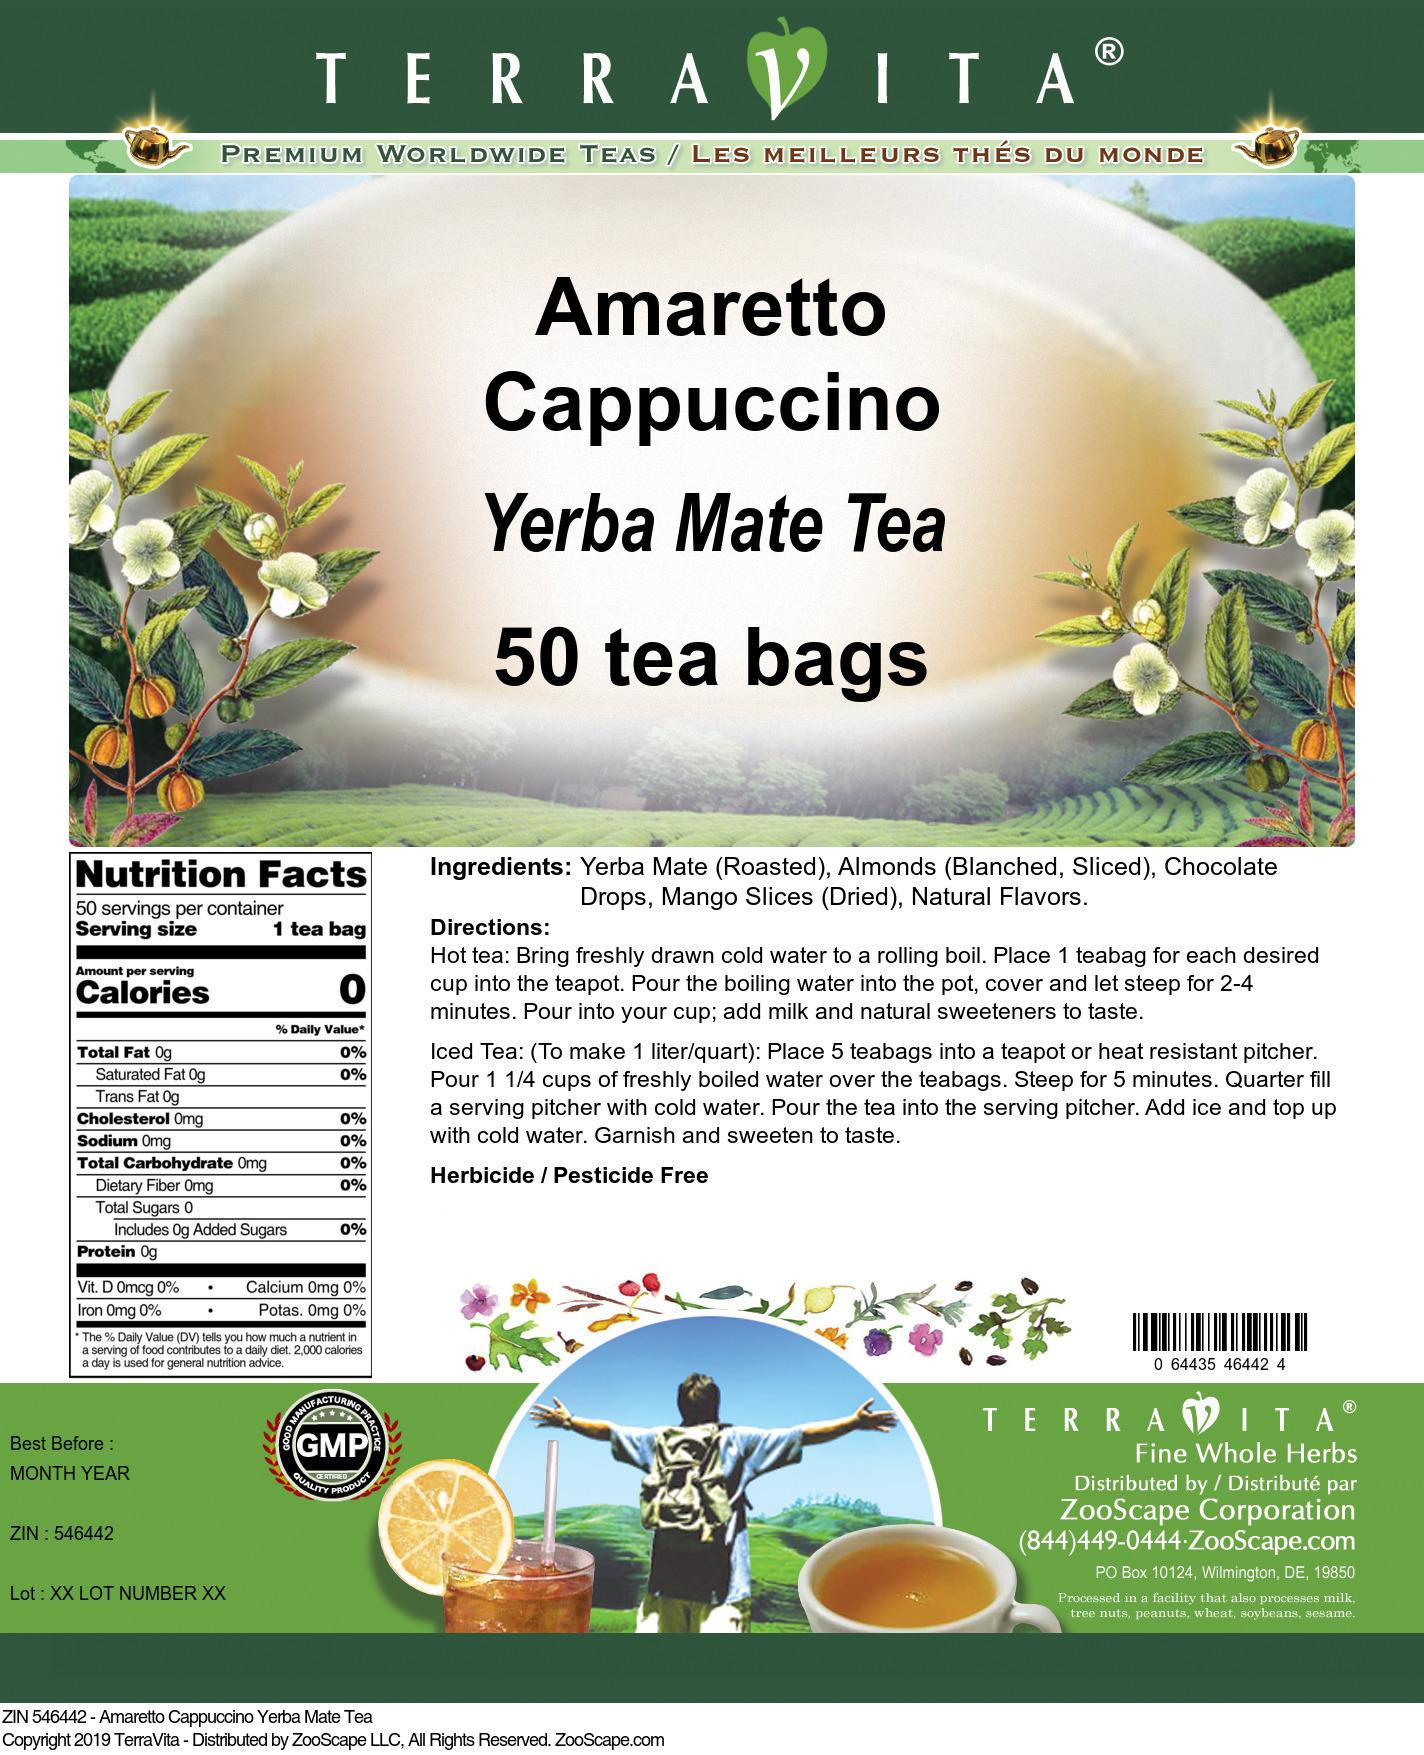 Amaretto Cappuccino Yerba Mate Tea